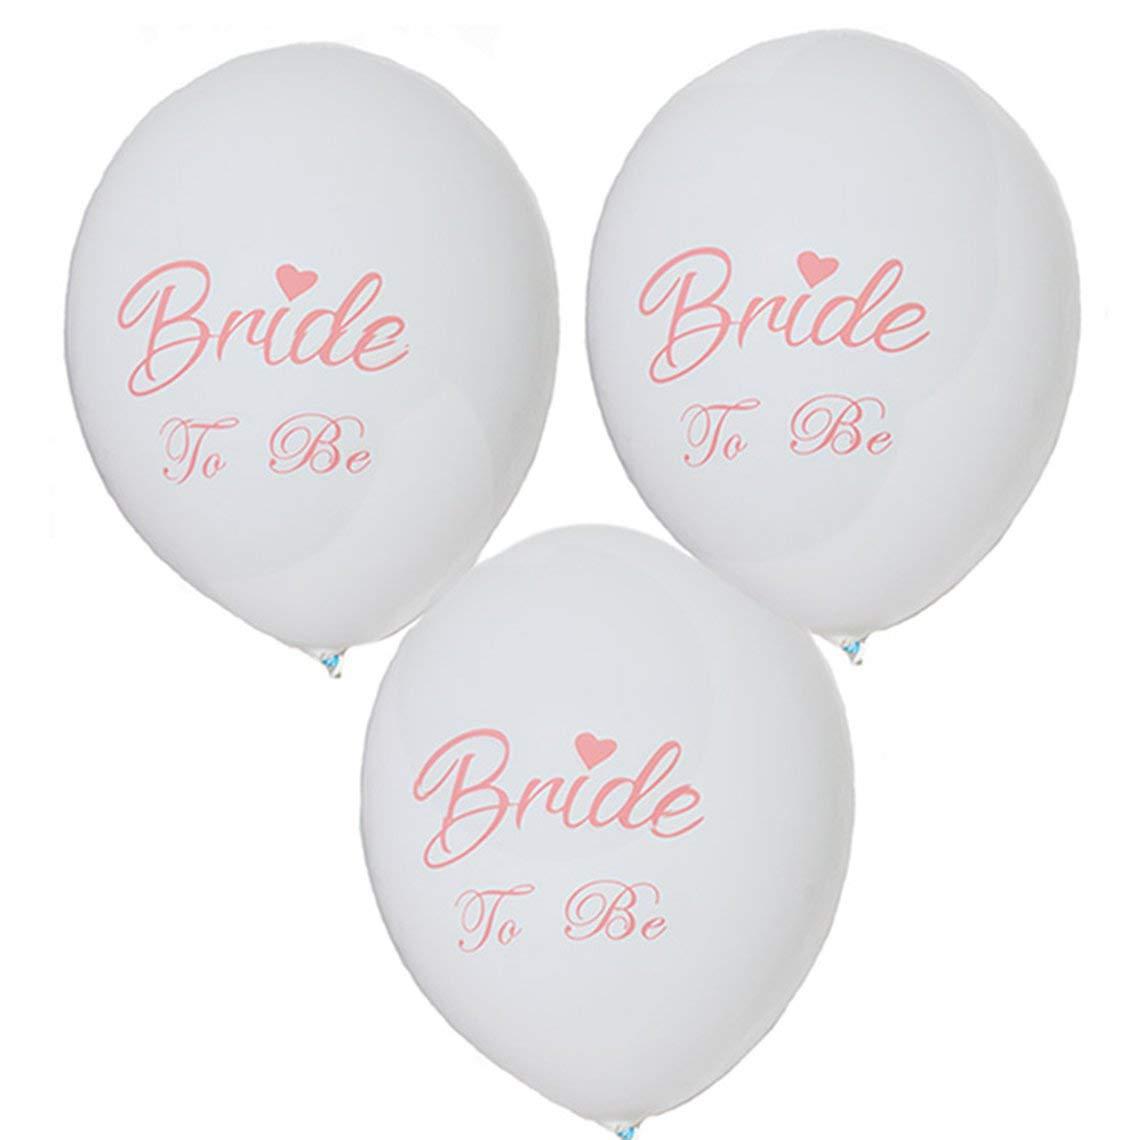 10pcs Bride To Be Latex Balloons 12 pollici Stampa Matrimonio Palloncini Decorazioni per feste Forniture per fotografia Puntelli